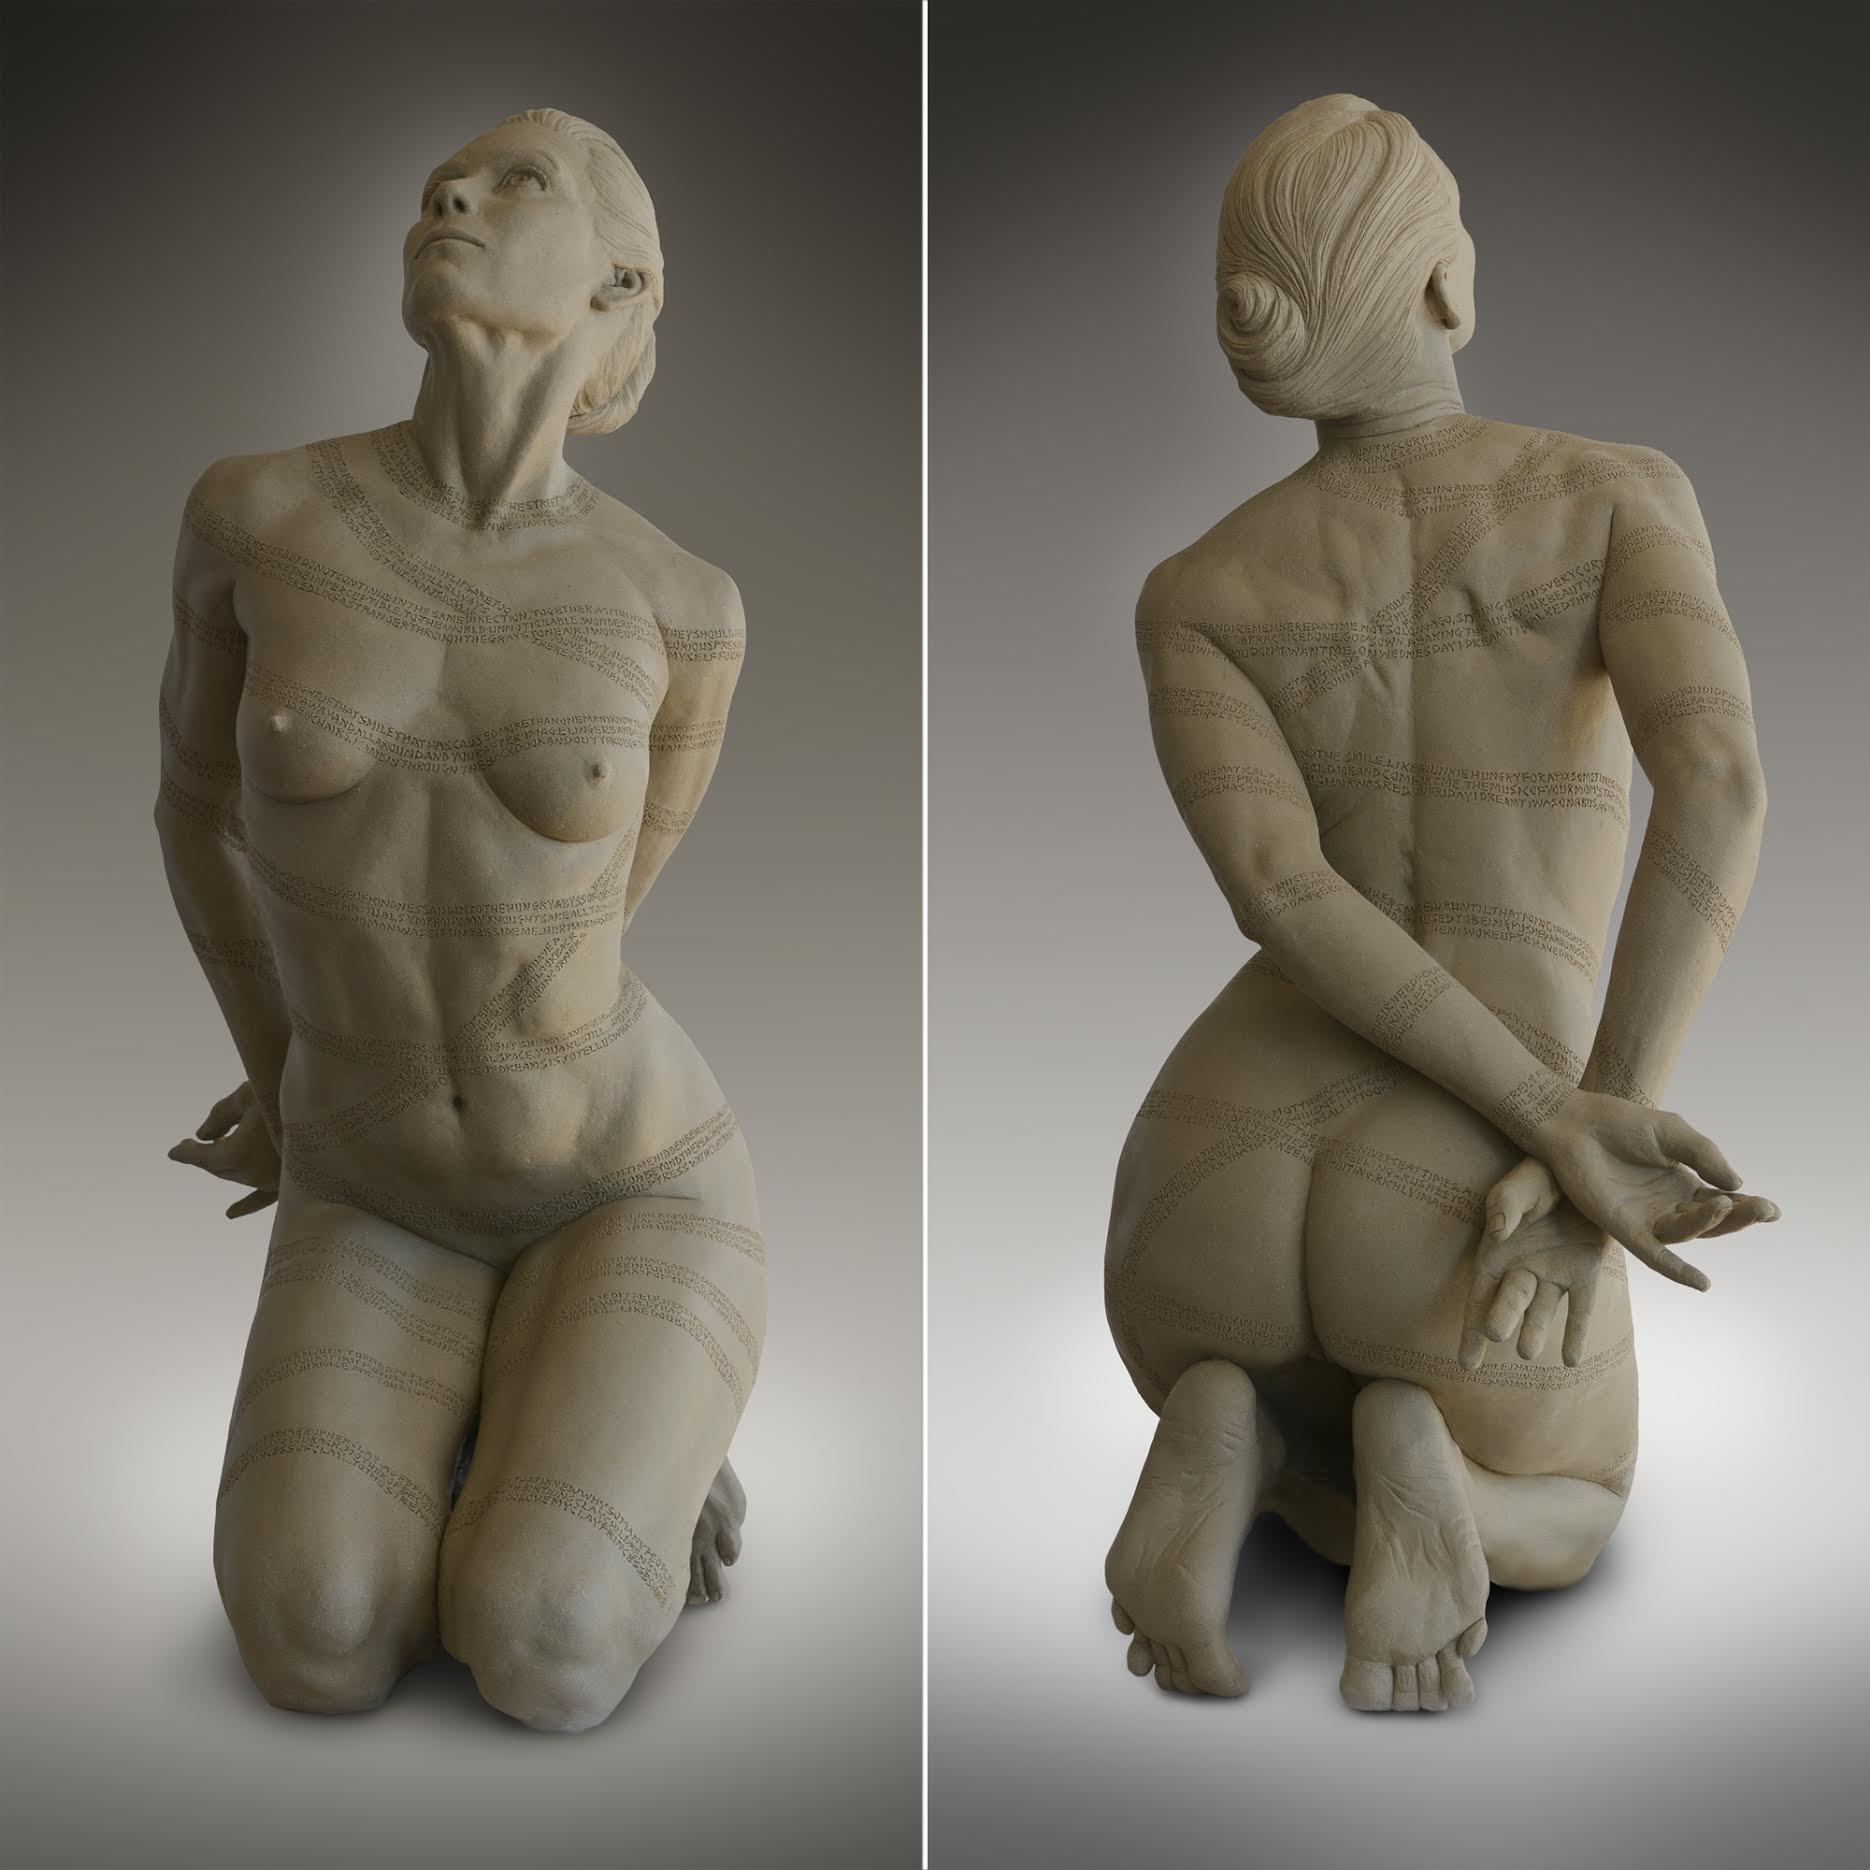 Fine Art Sculpture Teen Art 5